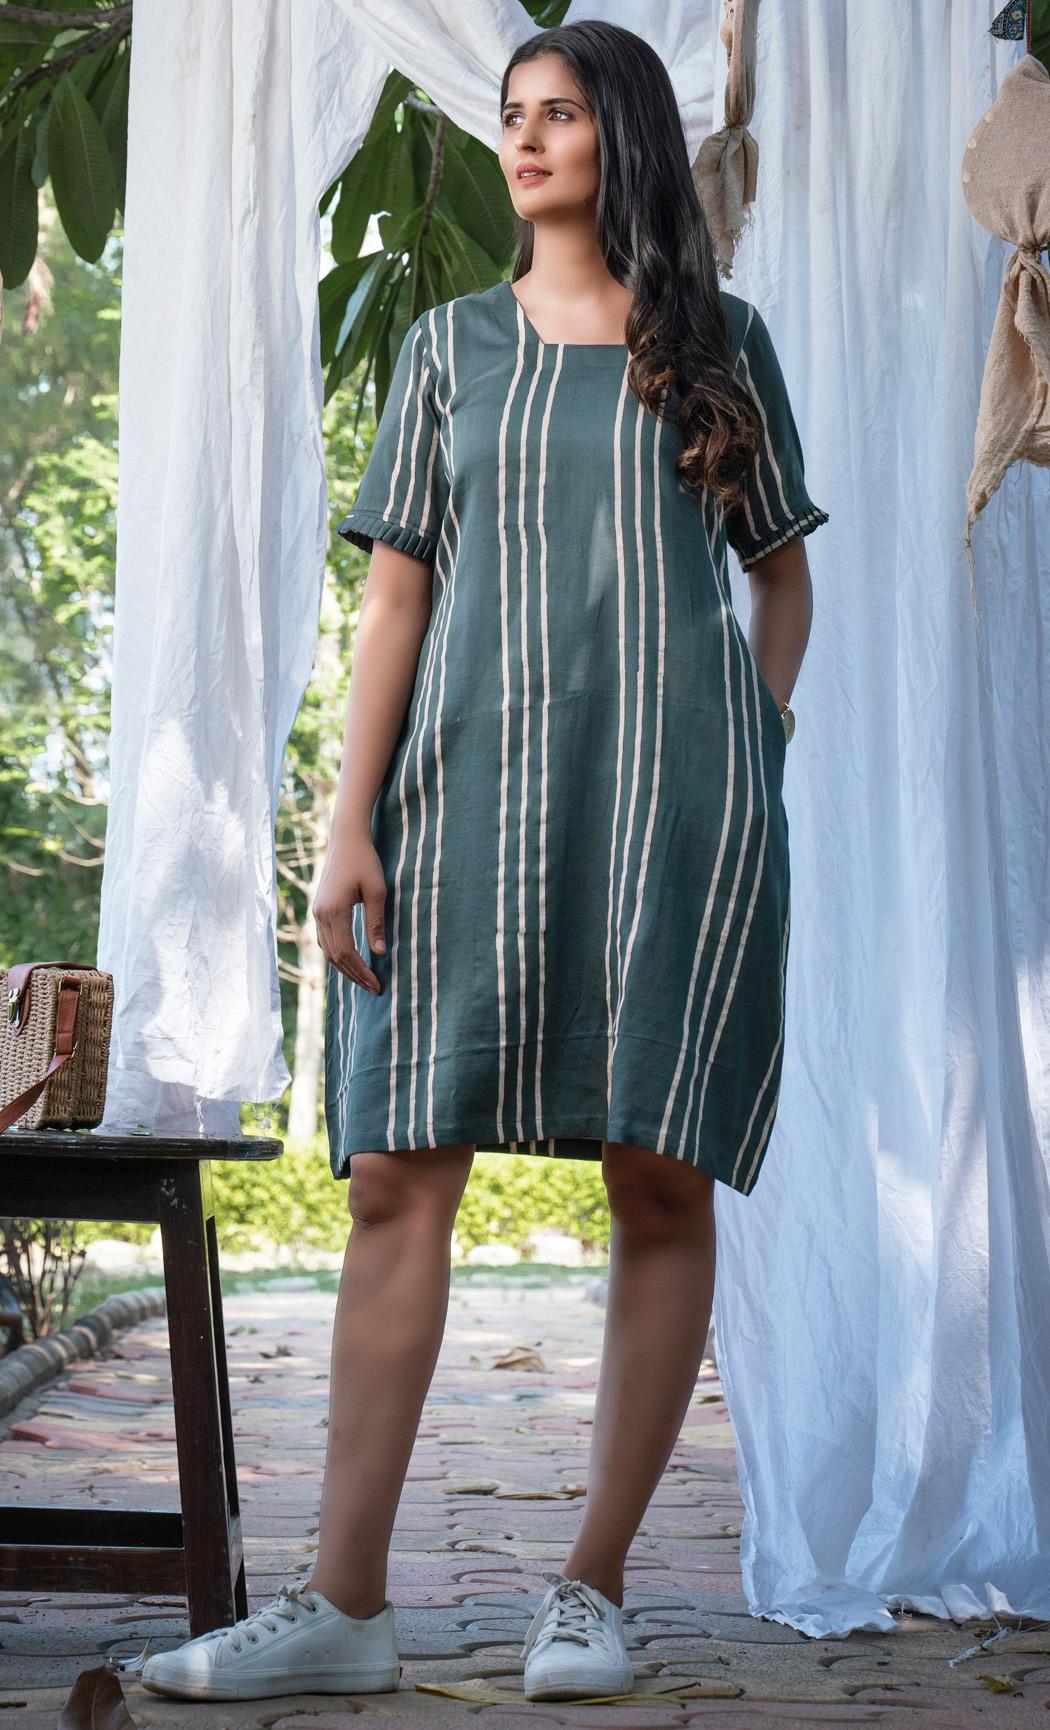 Olive Striped Dress. Buy Online